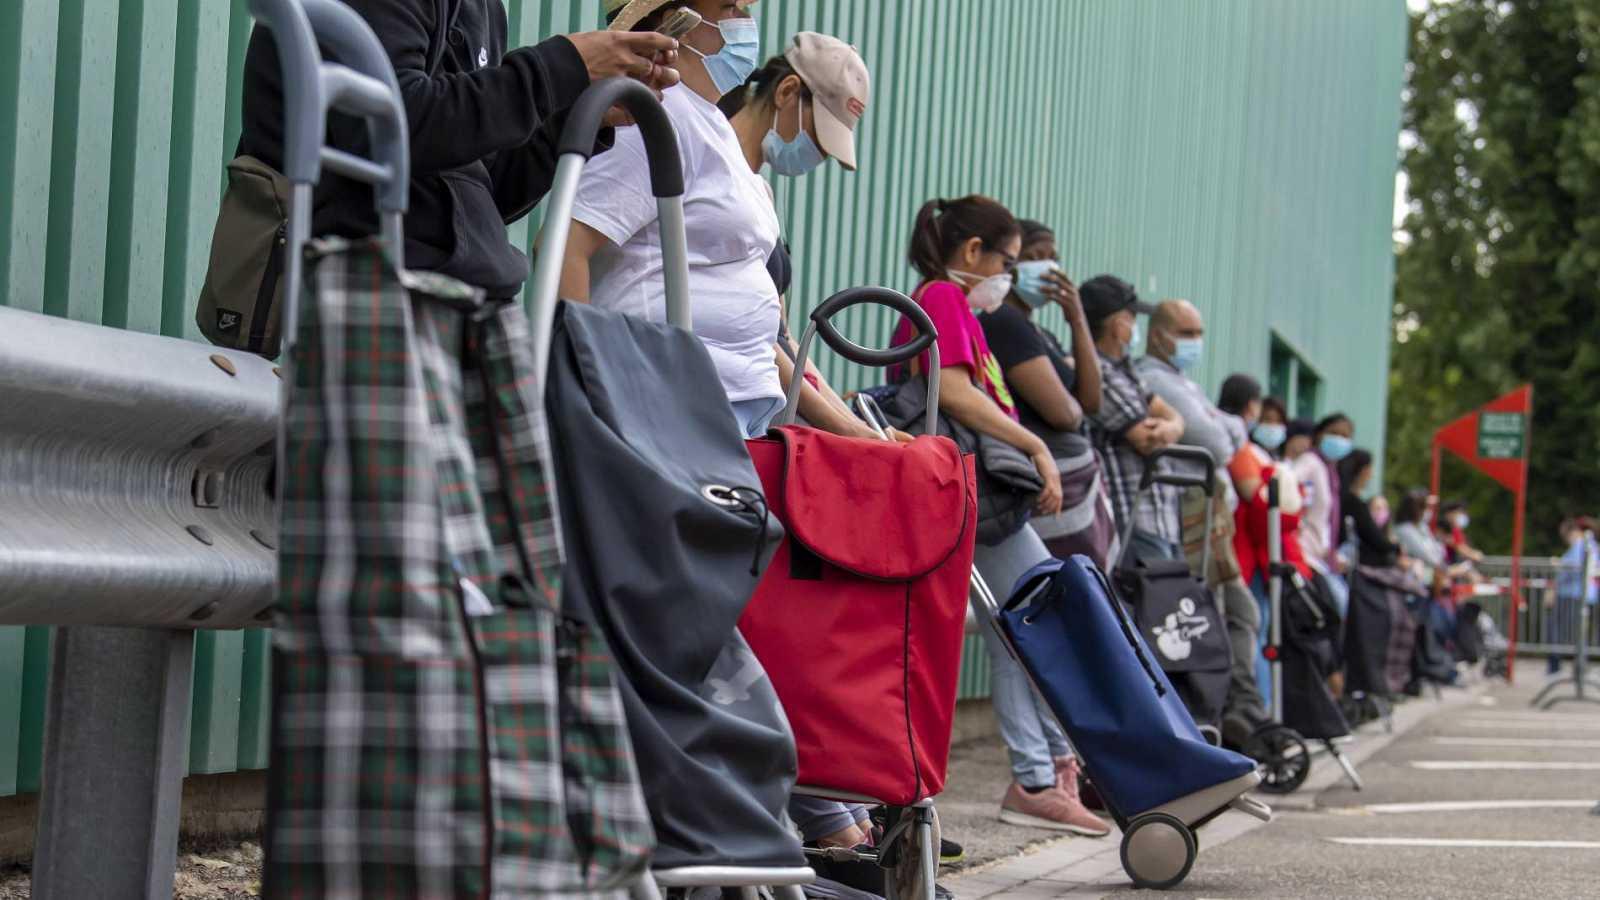 La crisis económica y social que ha desatado la pandemia hace que muchas familias vivan en circunstancias extremas.